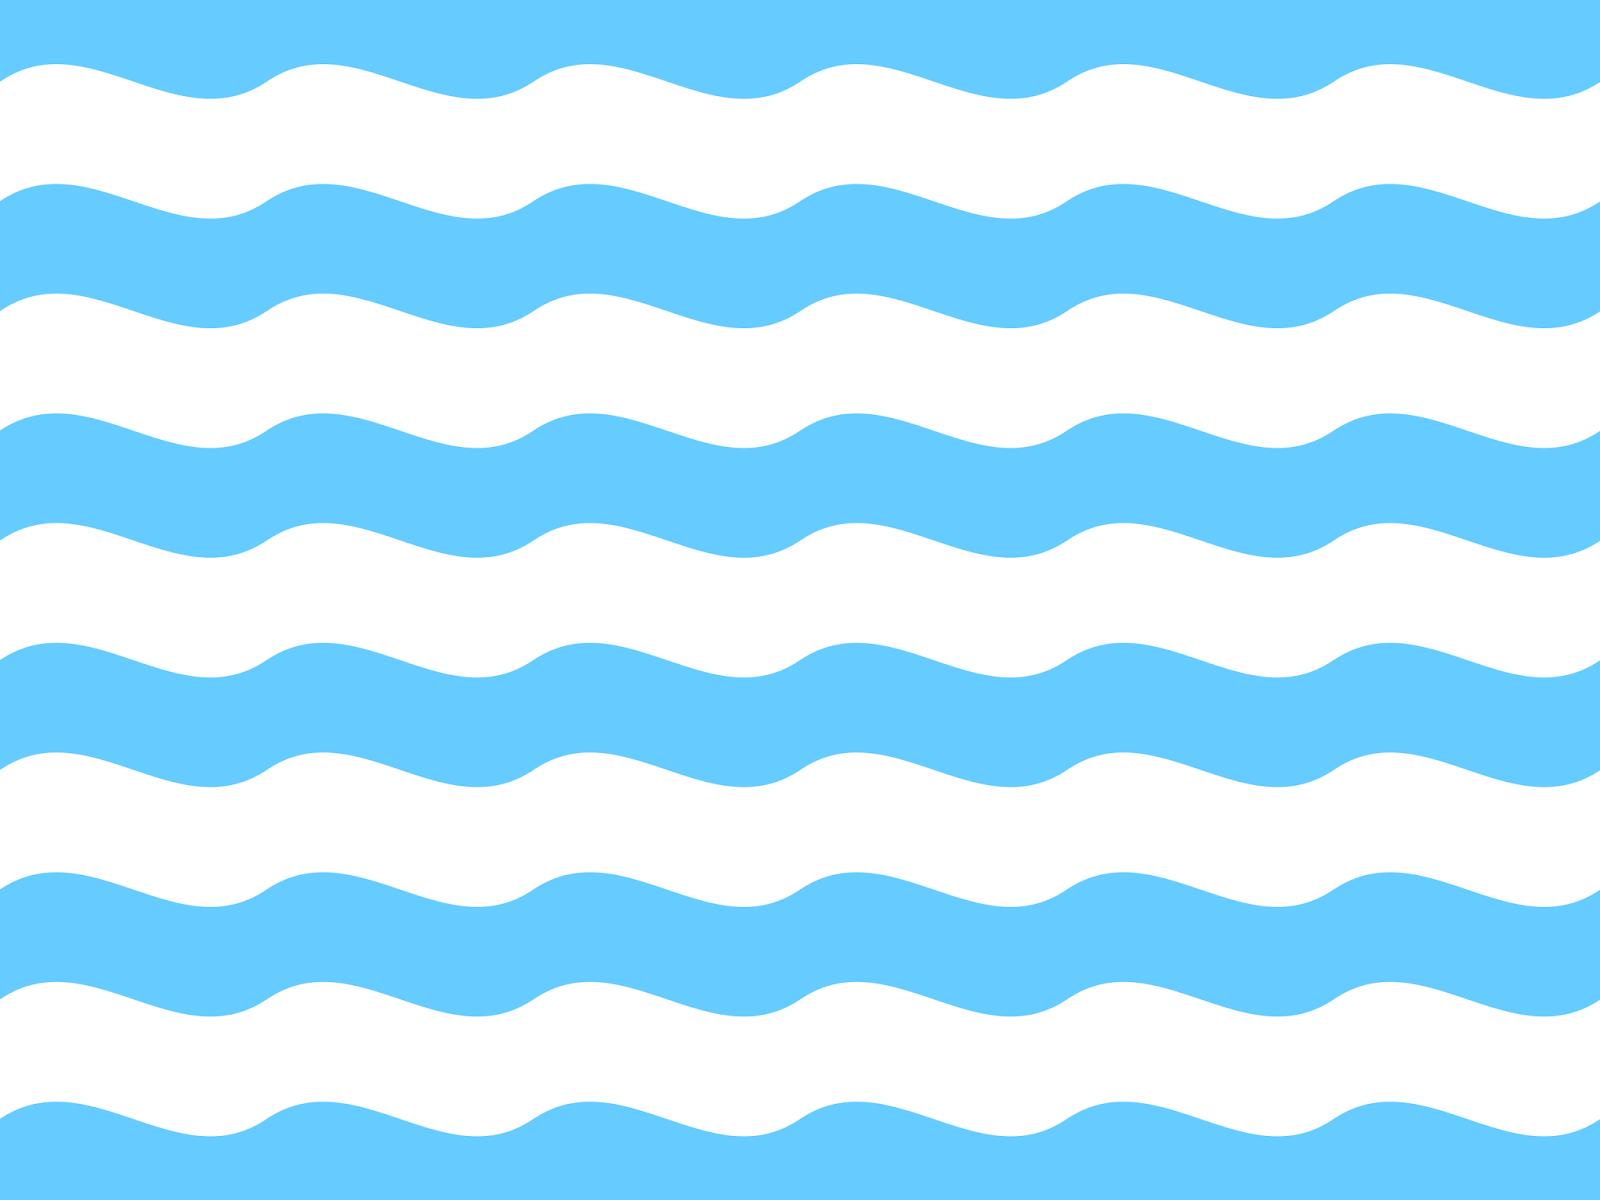 Wave Clipart-wave clipart-8